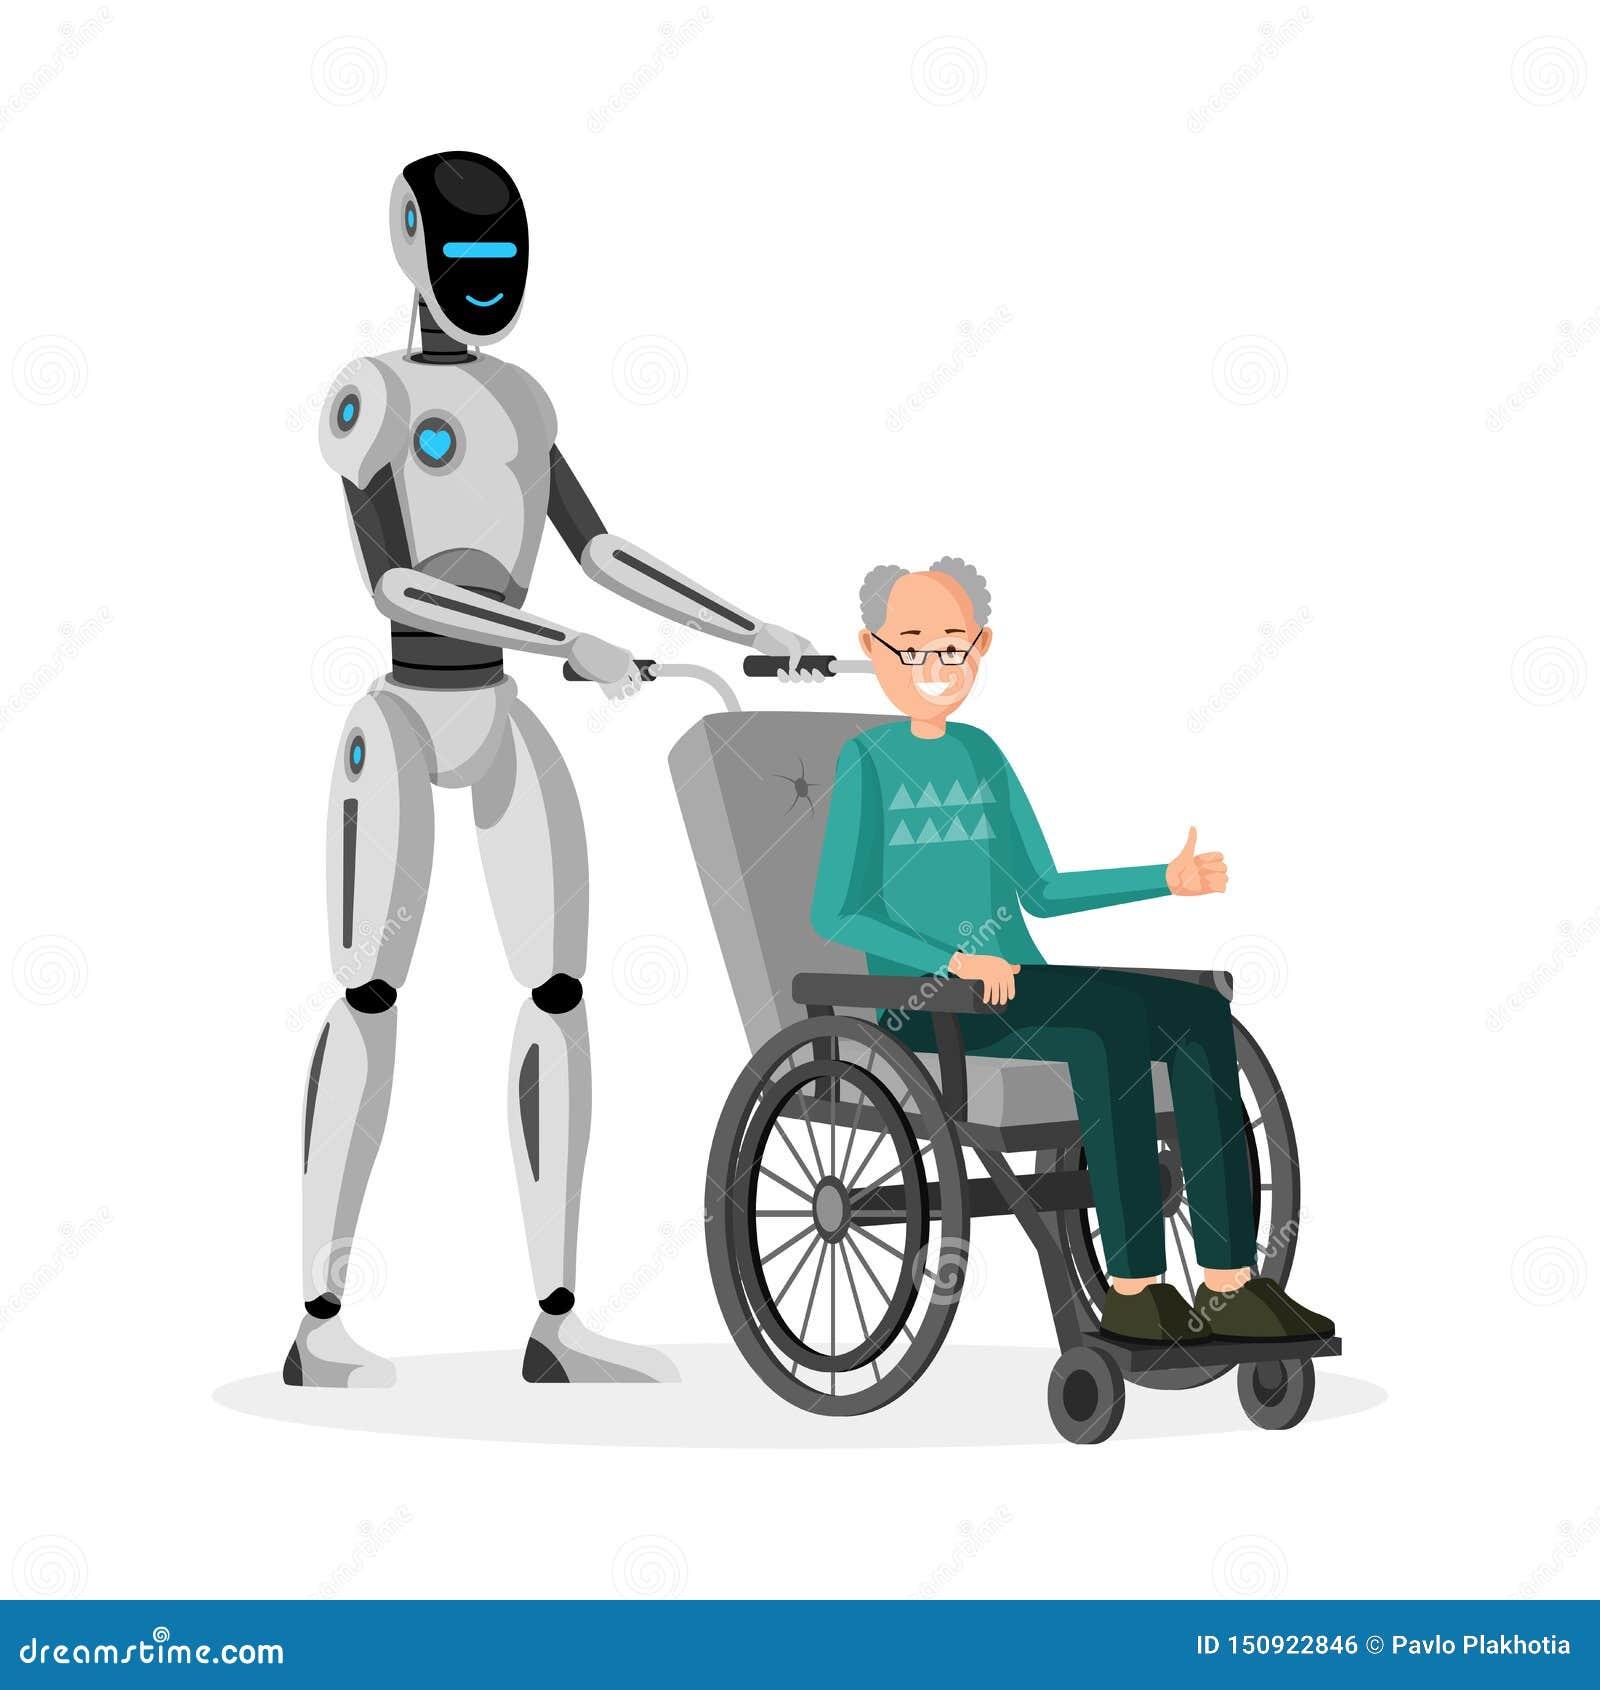 有废人平的传染媒介例证的机器人 靠机械装置维持生命的人照料者和有残障的前辈轮椅字符的